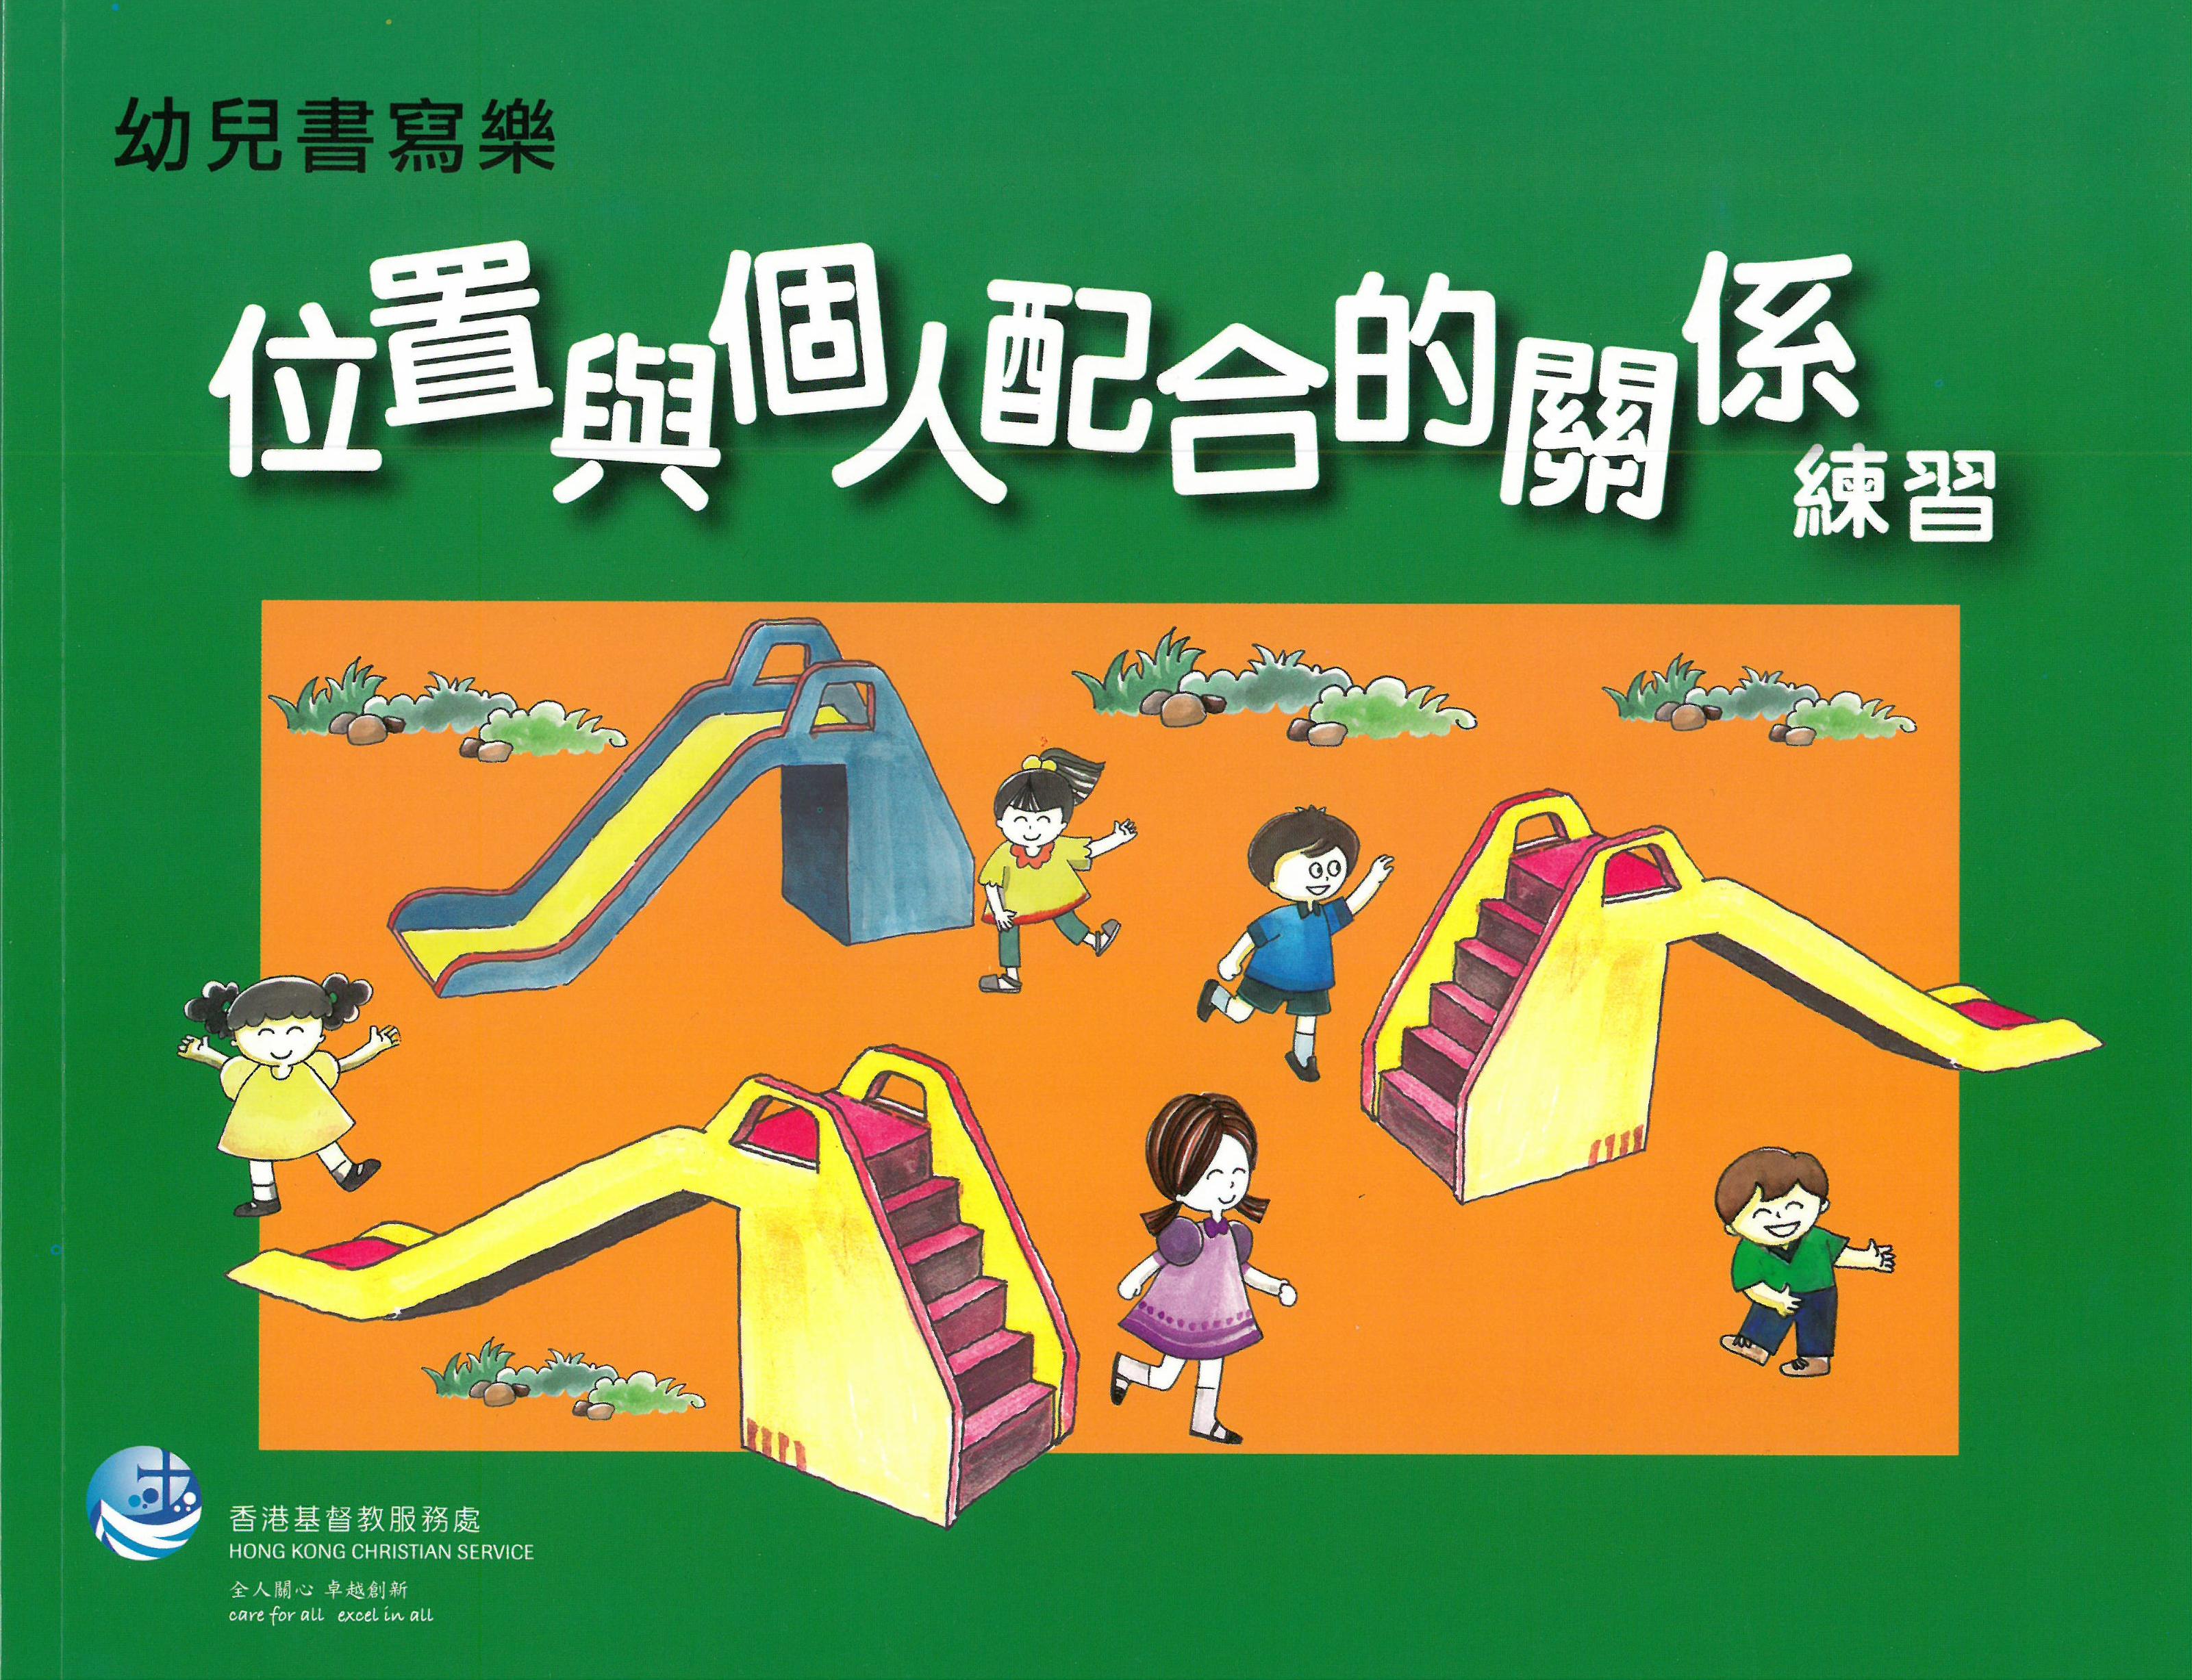 《幼兒書寫樂》系列 (第三輯) - 位置與個人配合的關係練習